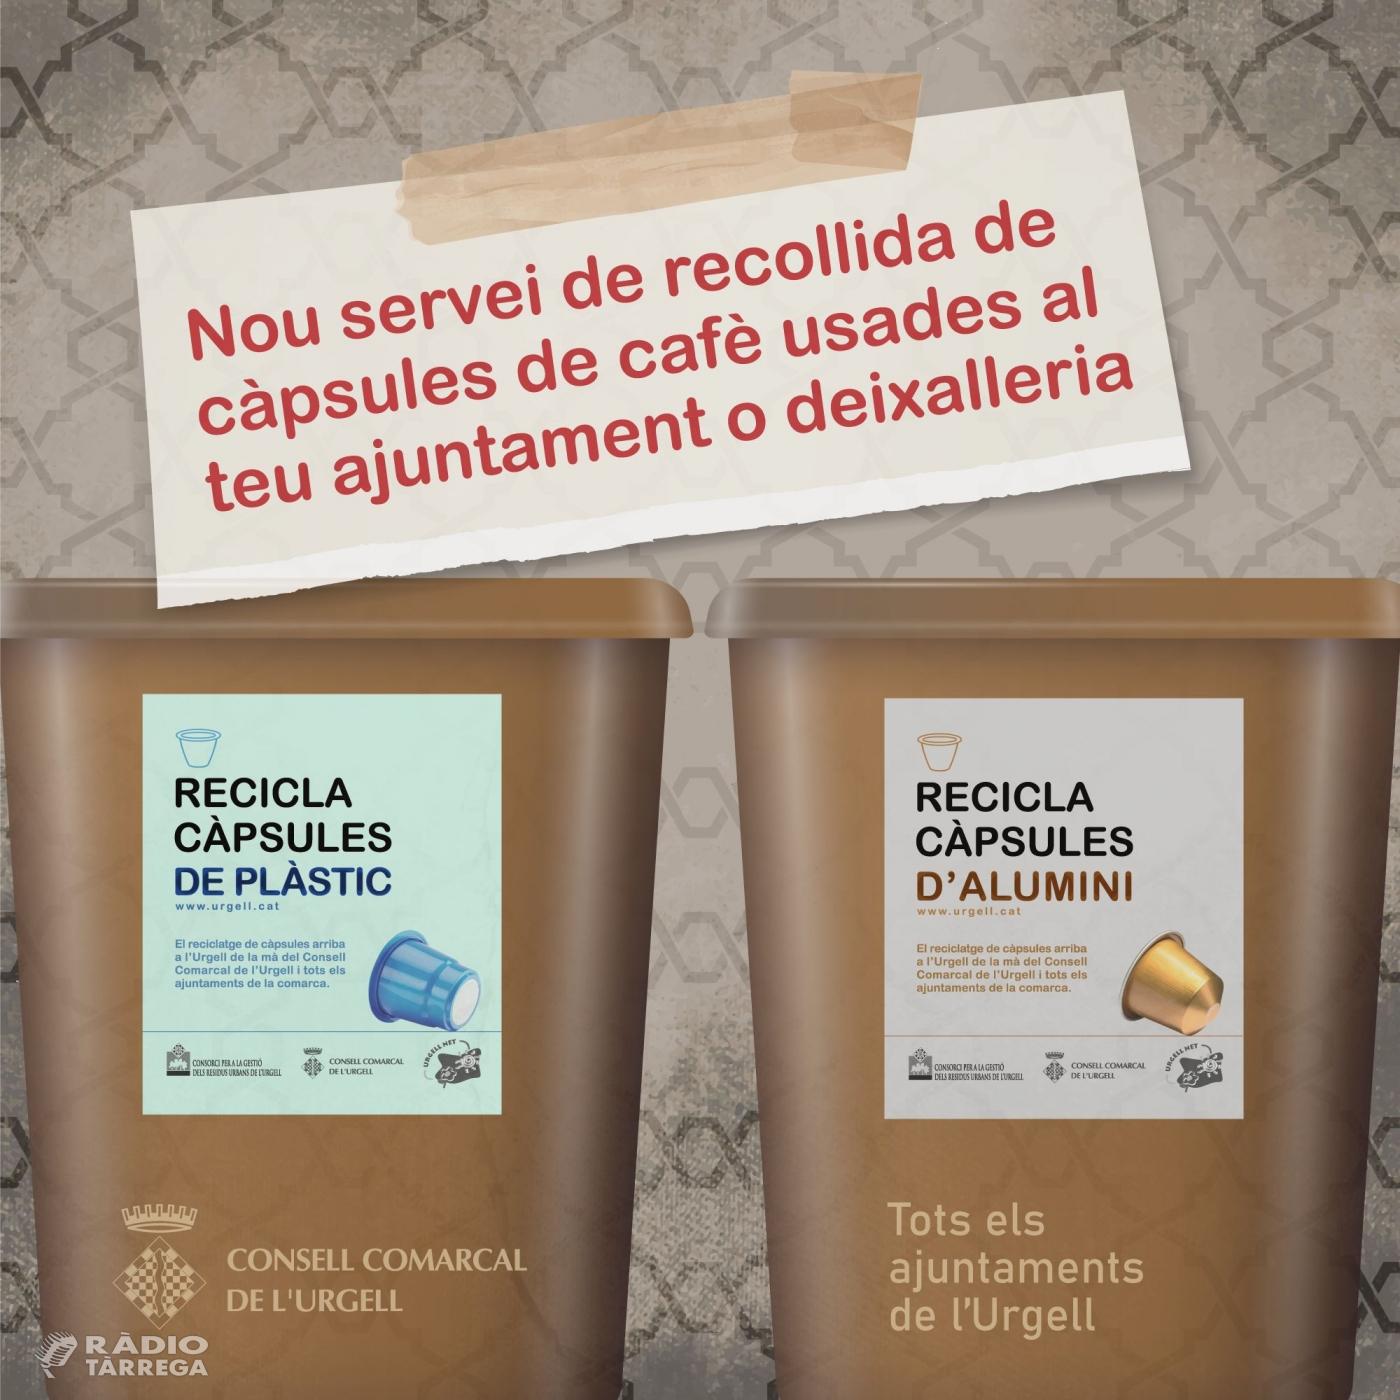 El Consell Comarcal de l'Urgell signa un conveni amb Nestlé amb l'objectiu de reciclar les càpsules de plàstic i d'alumini de cafè usades